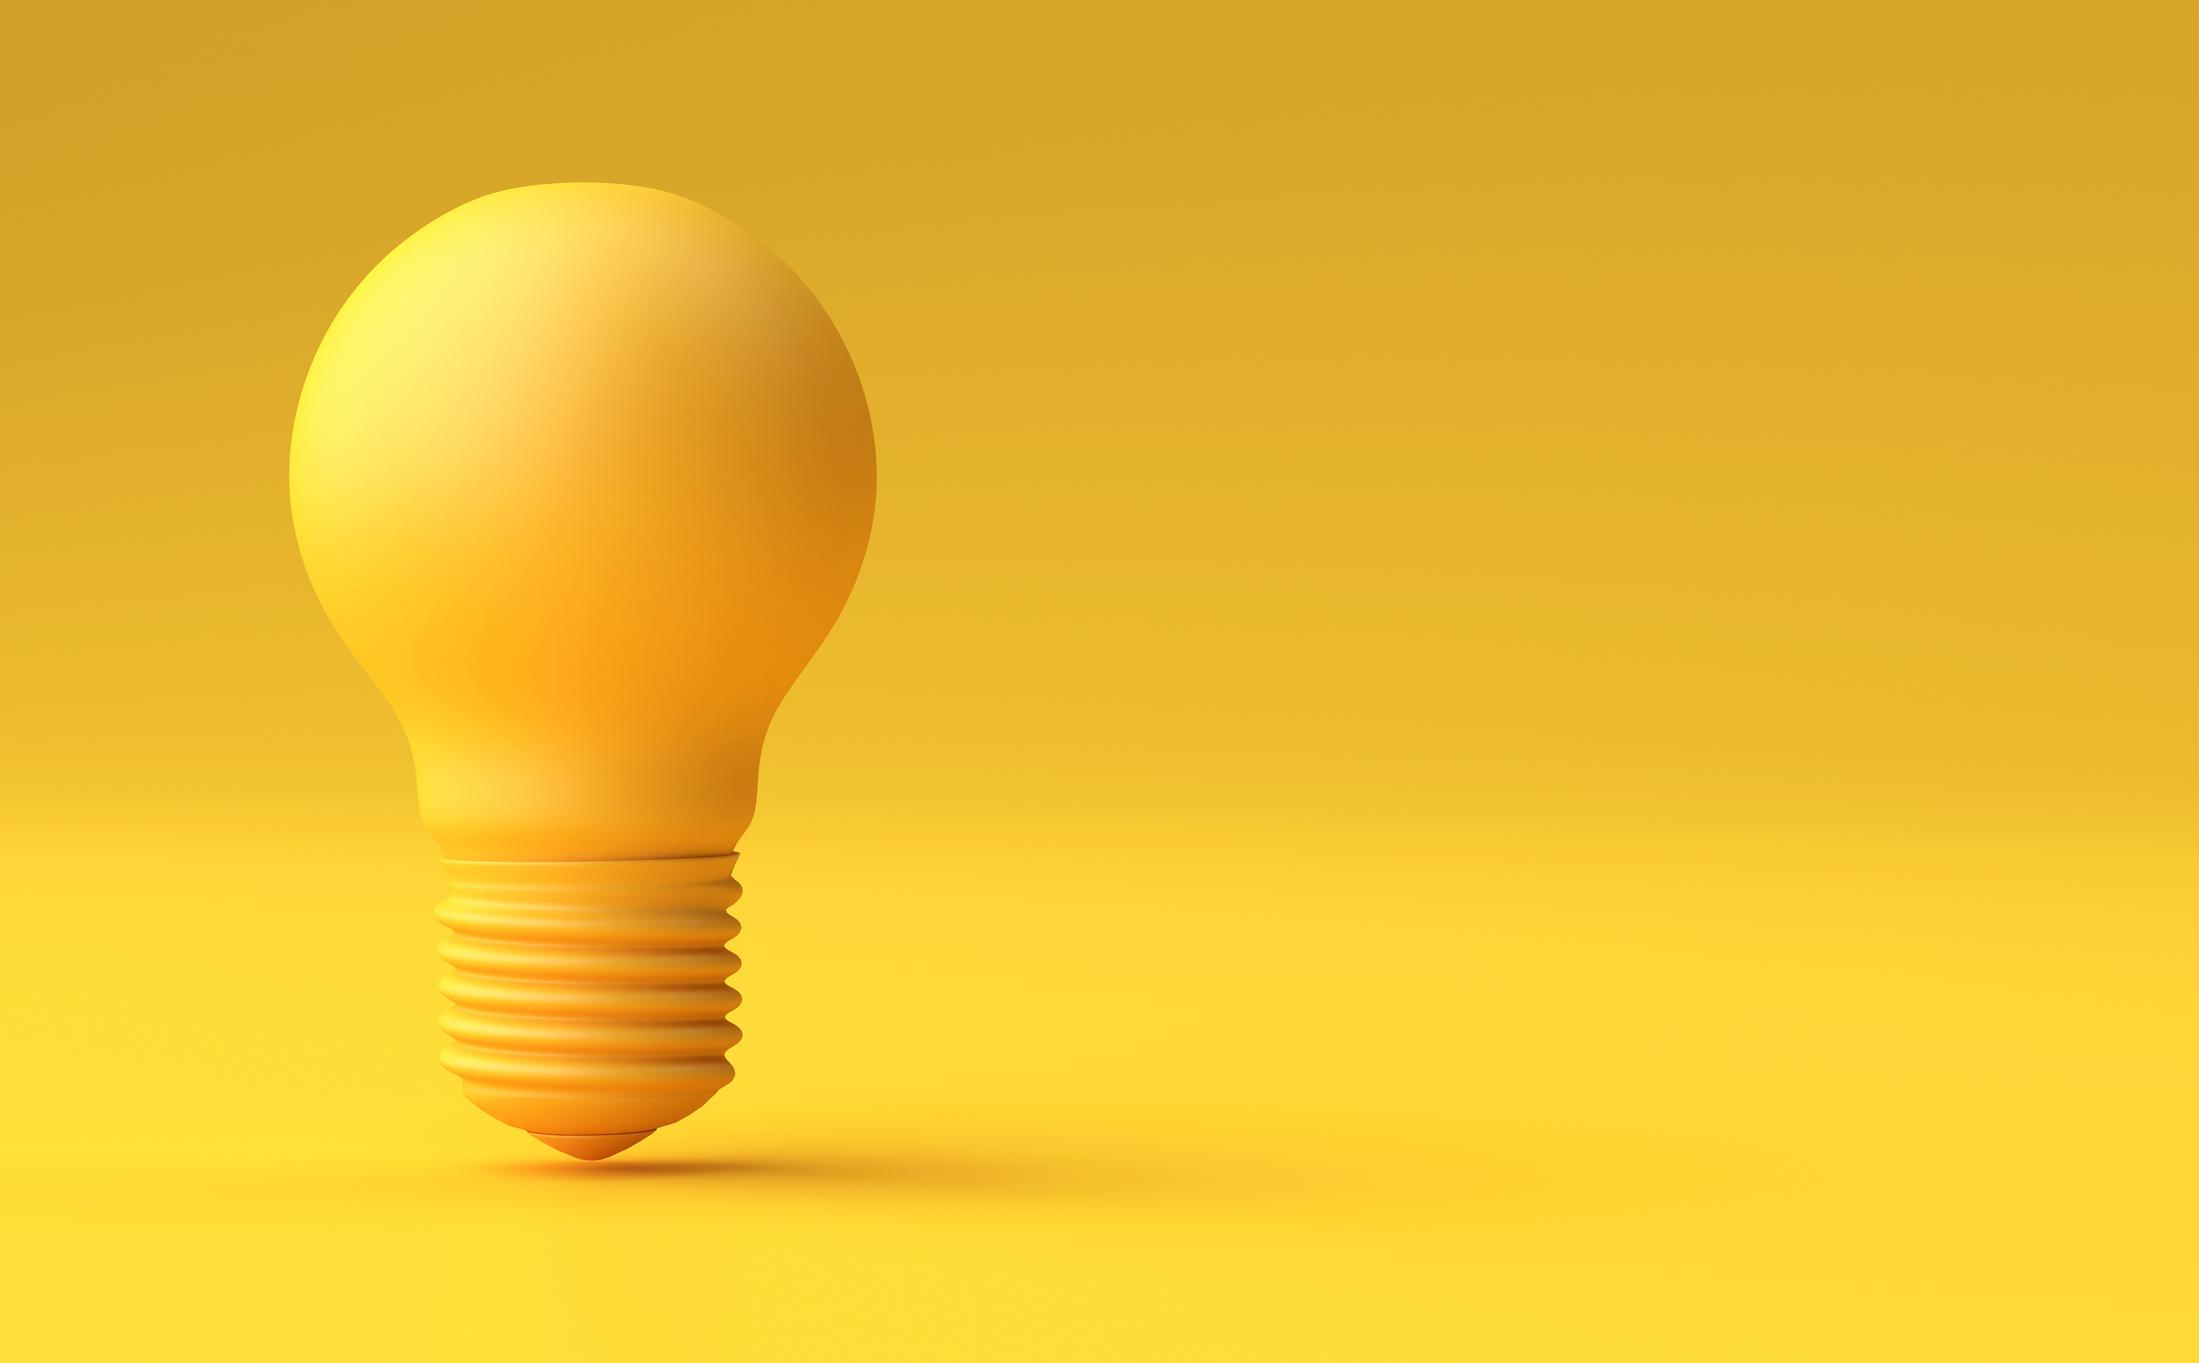 Idee di investimento obbligazioni 1 ottobre 2018 for Idee di estensione a livello diviso